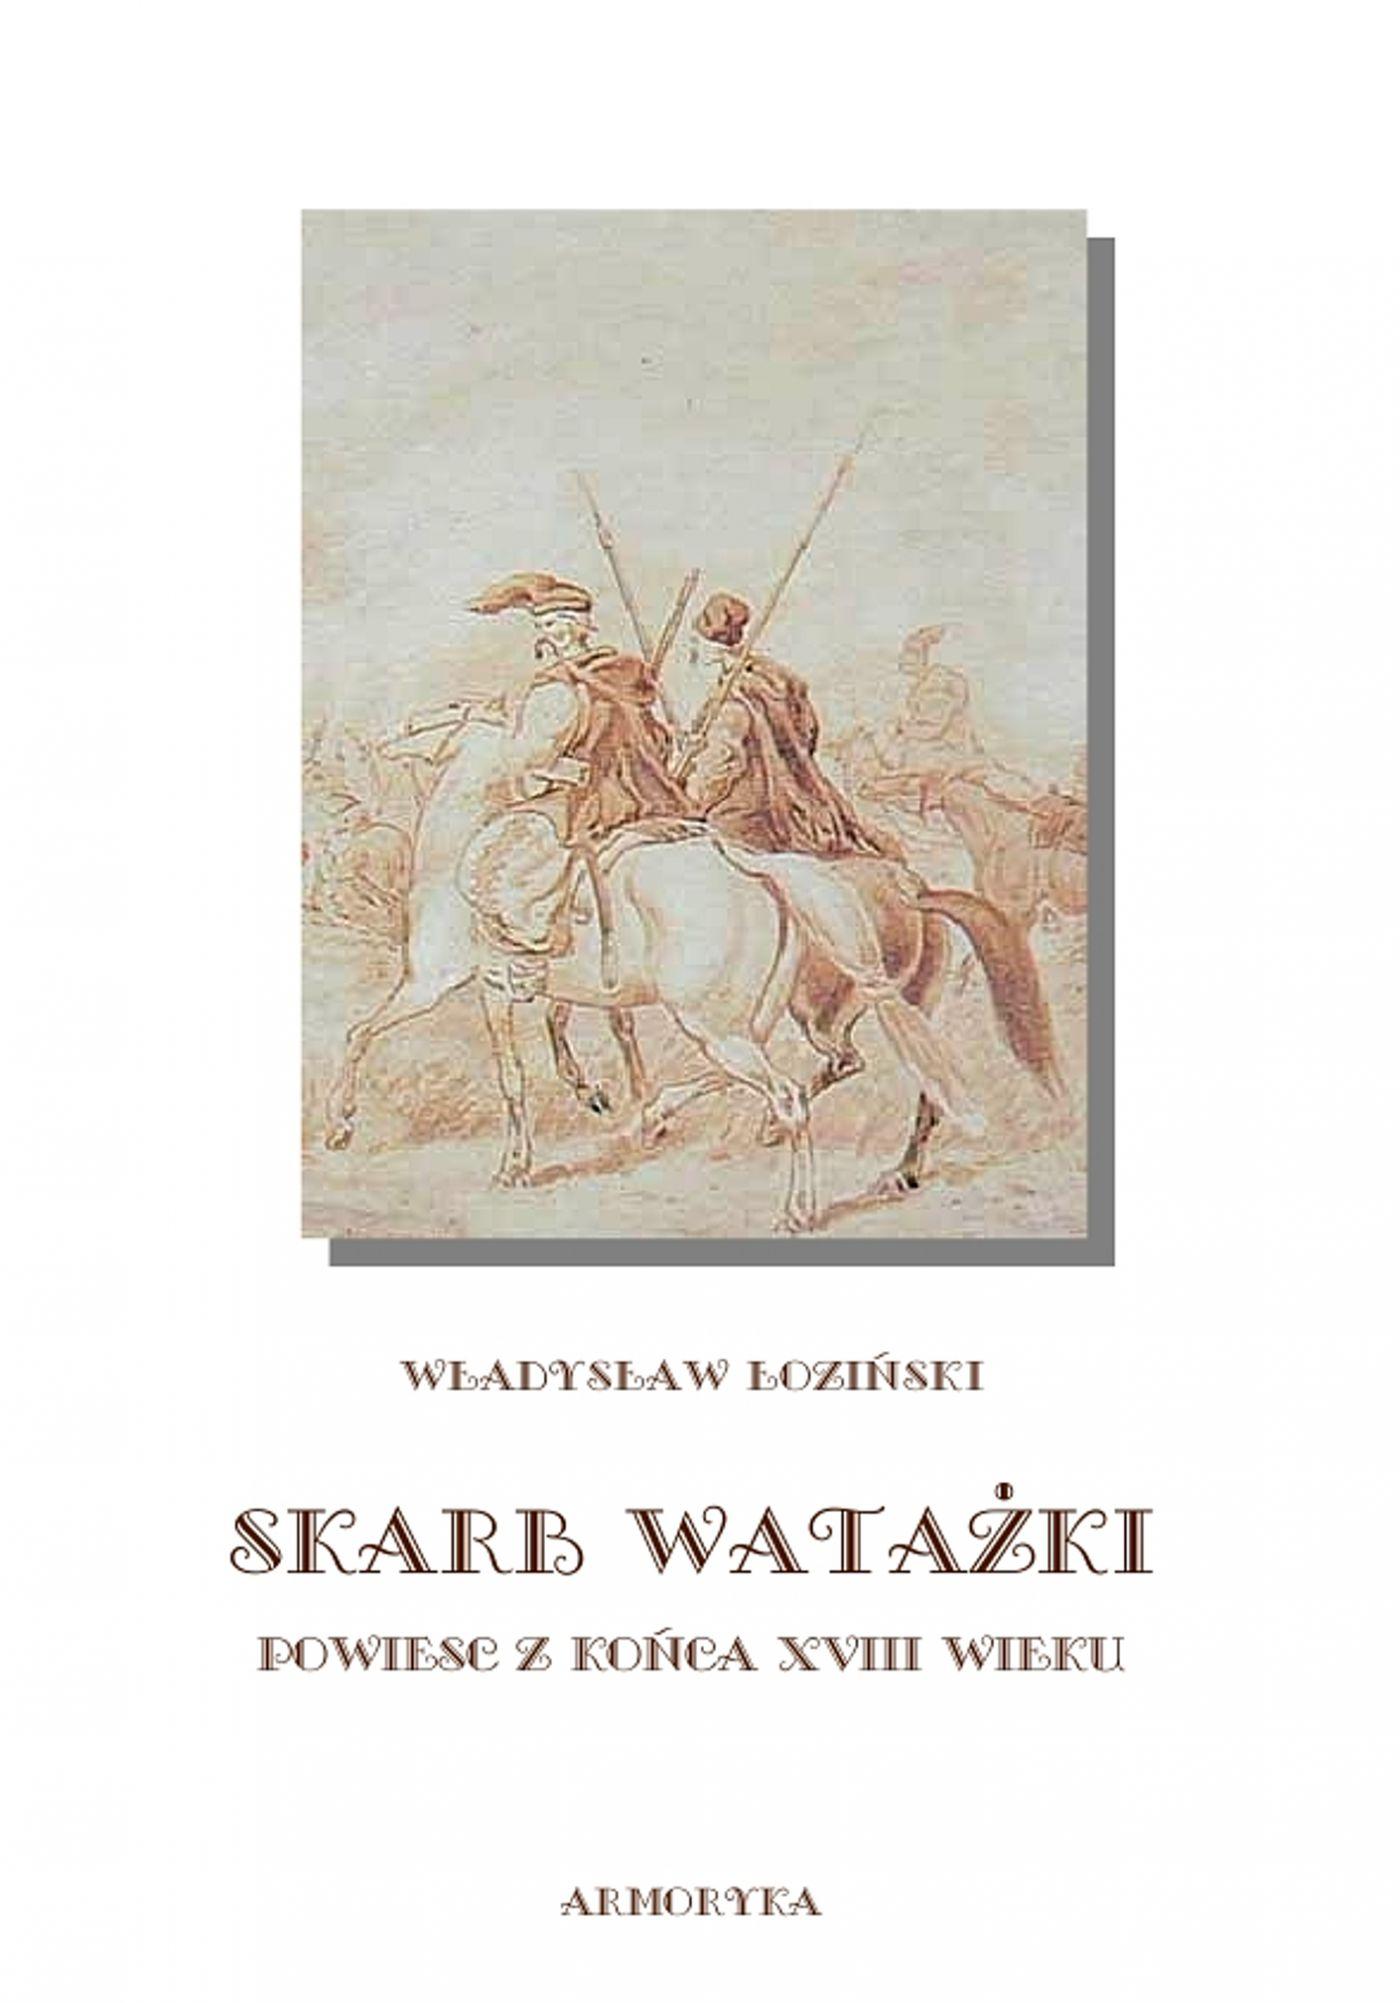 Skarb watażki. Powieść z końca XVIII wieku - Ebook (Książka EPUB) do pobrania w formacie EPUB